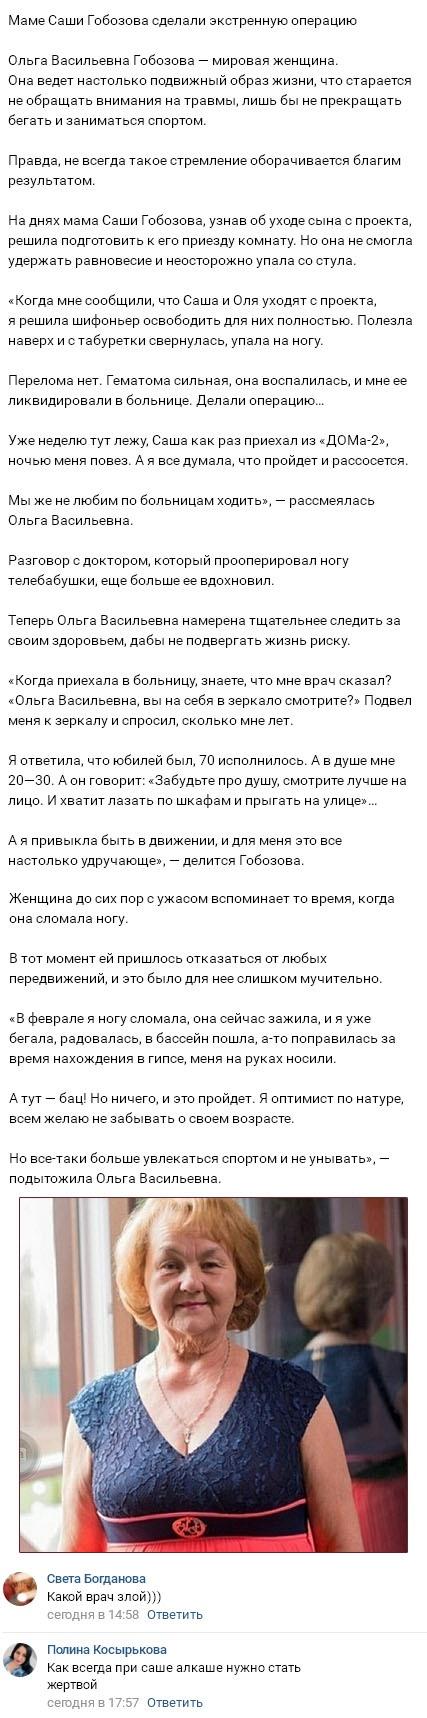 Ольгу Васильевну пришлось экстренно прооперировать